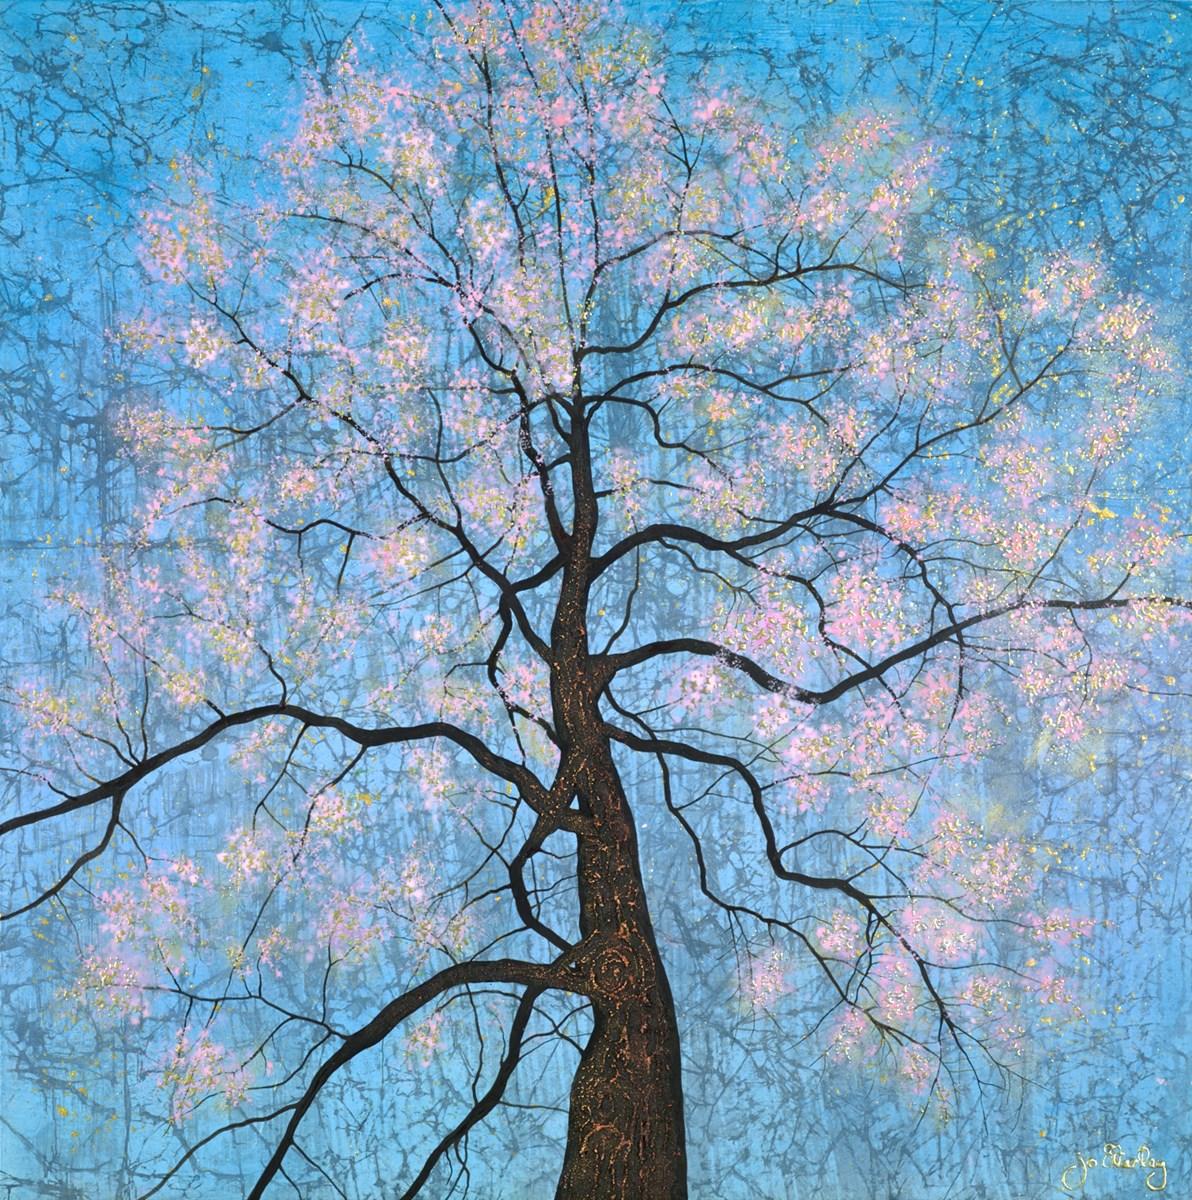 Mighty Blossom Tree